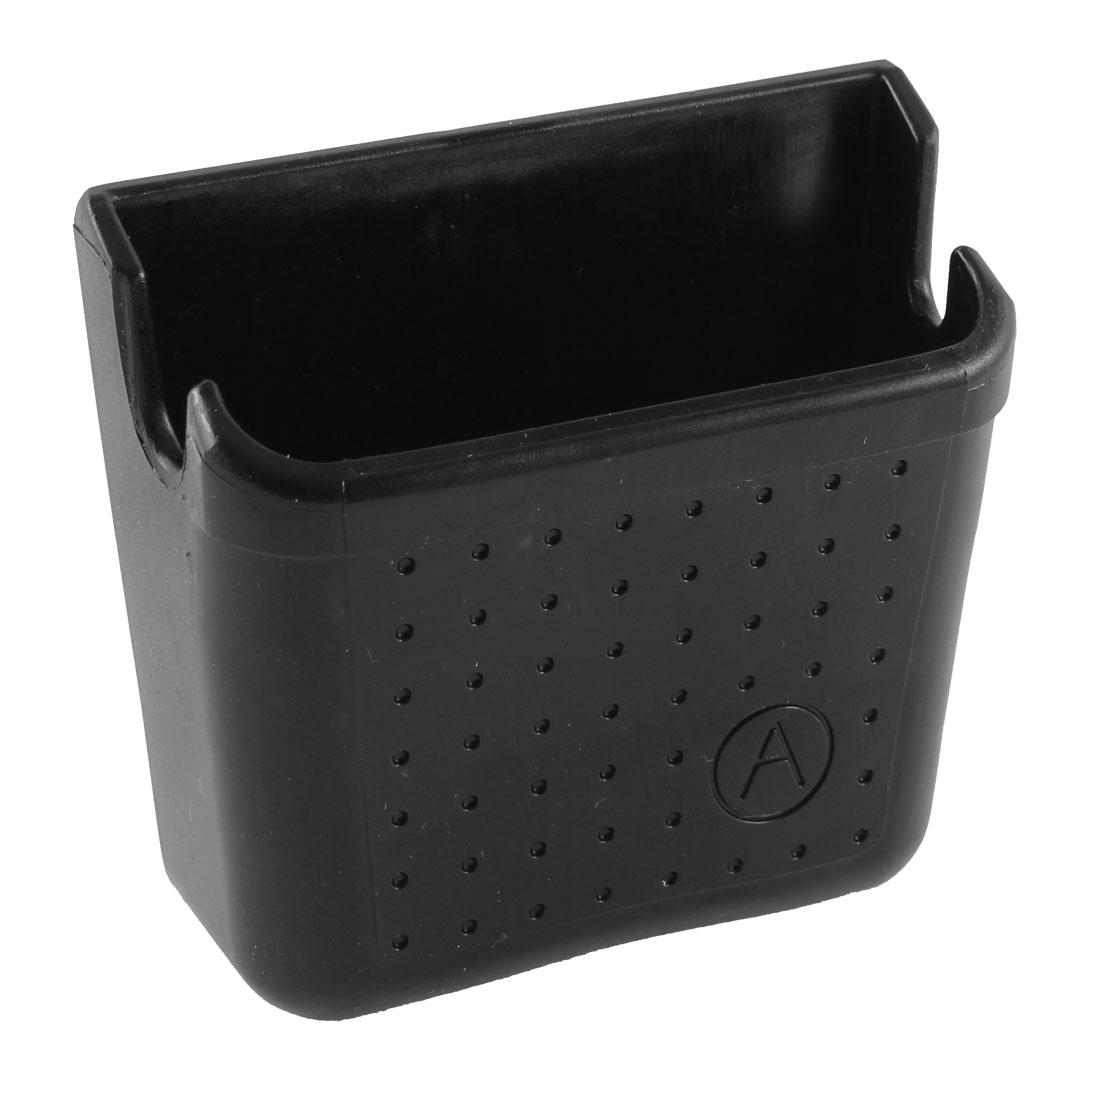 Car Windshield Backseat Black Plastic Adhesive Backed Bracket Phone Storage Holder